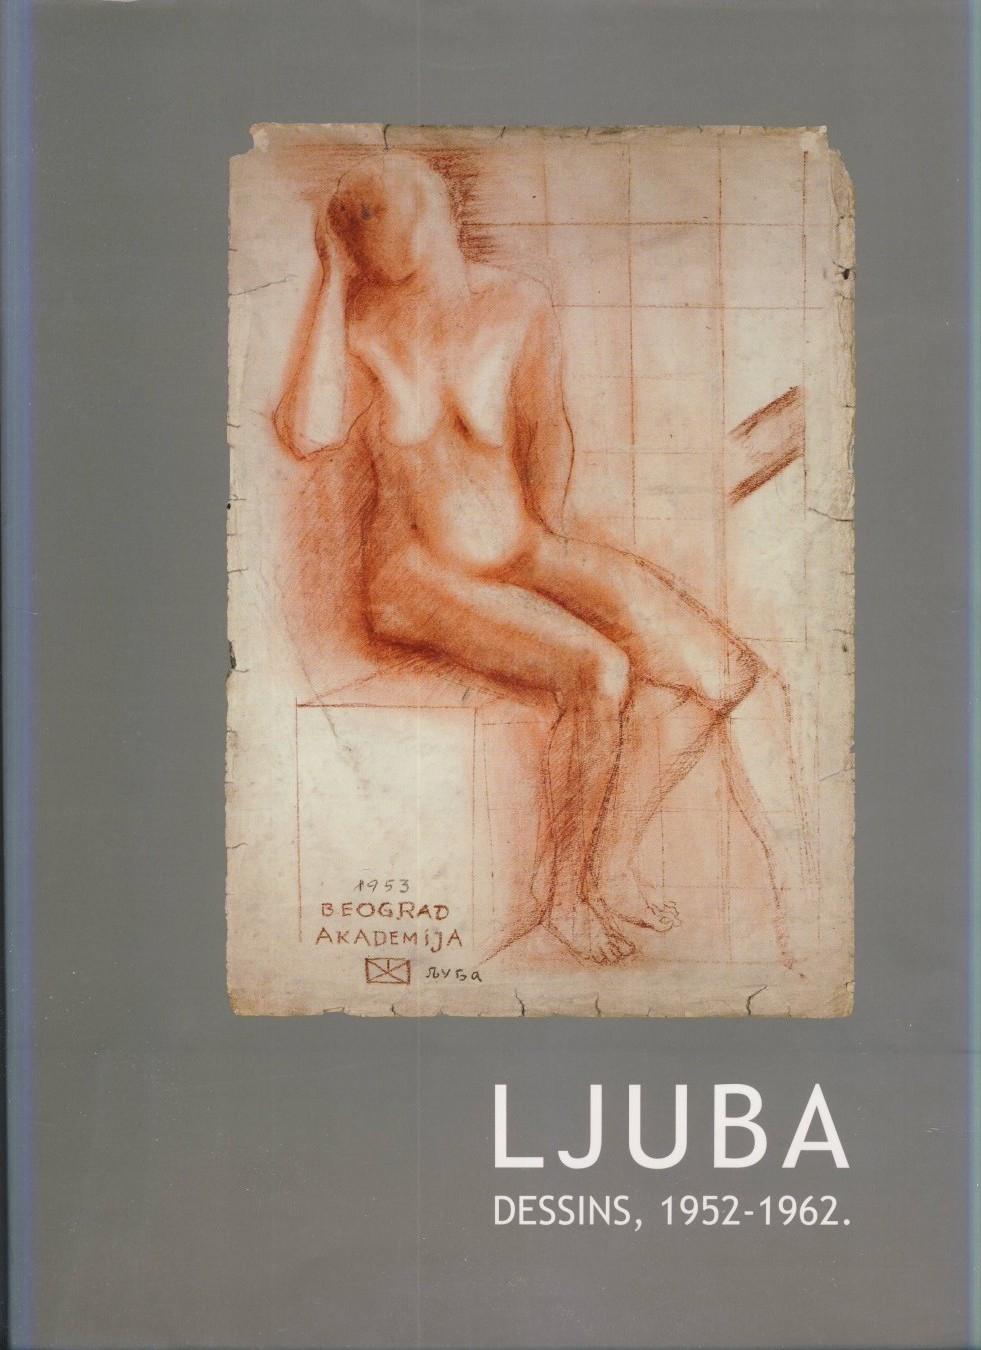 Milenko Radovic, Ljuba – Dessins 1958 – 1962, texte en français (Valjevo, Agencija Valjevac, 2010)